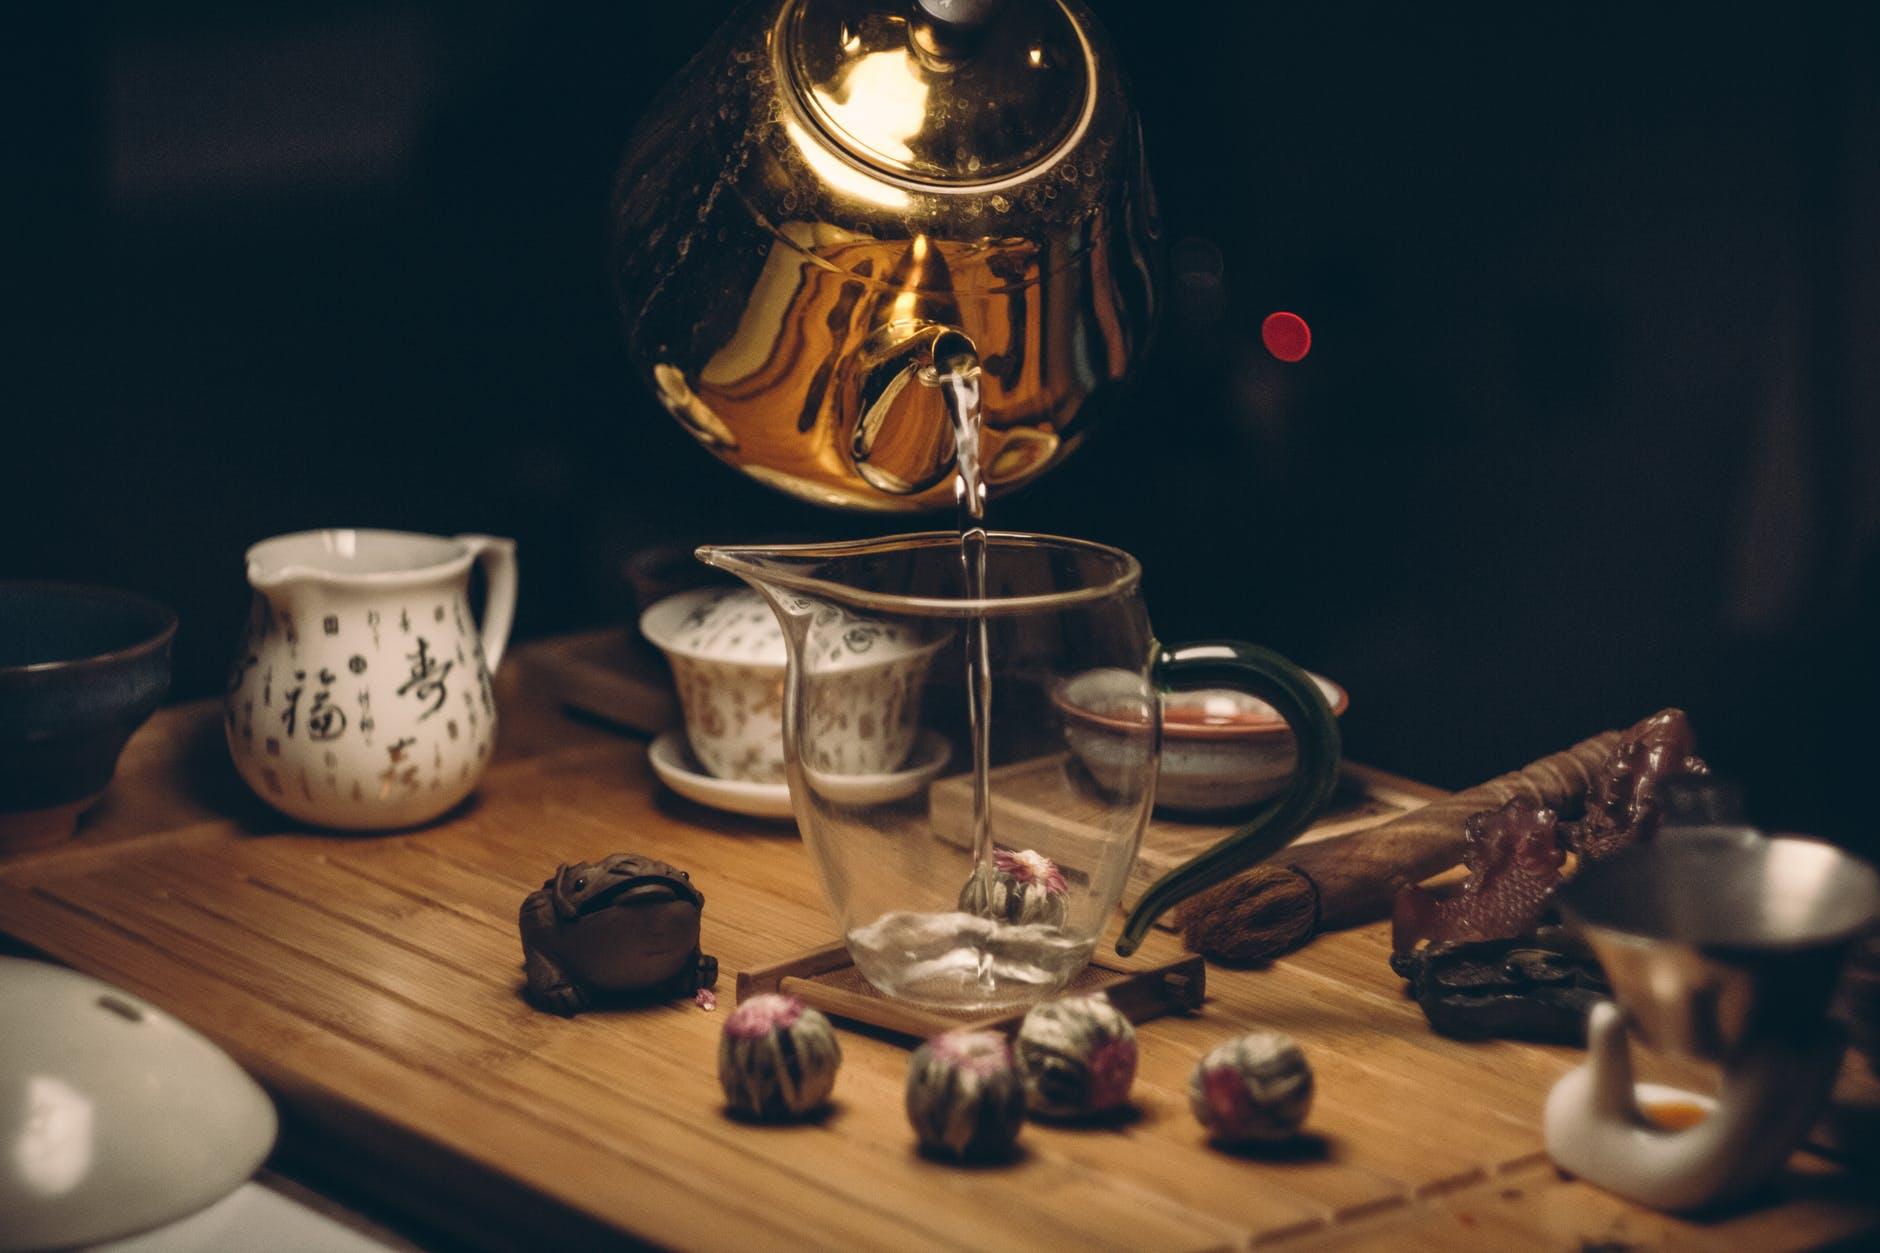 Cucina in stile vintage, il fascino del passato